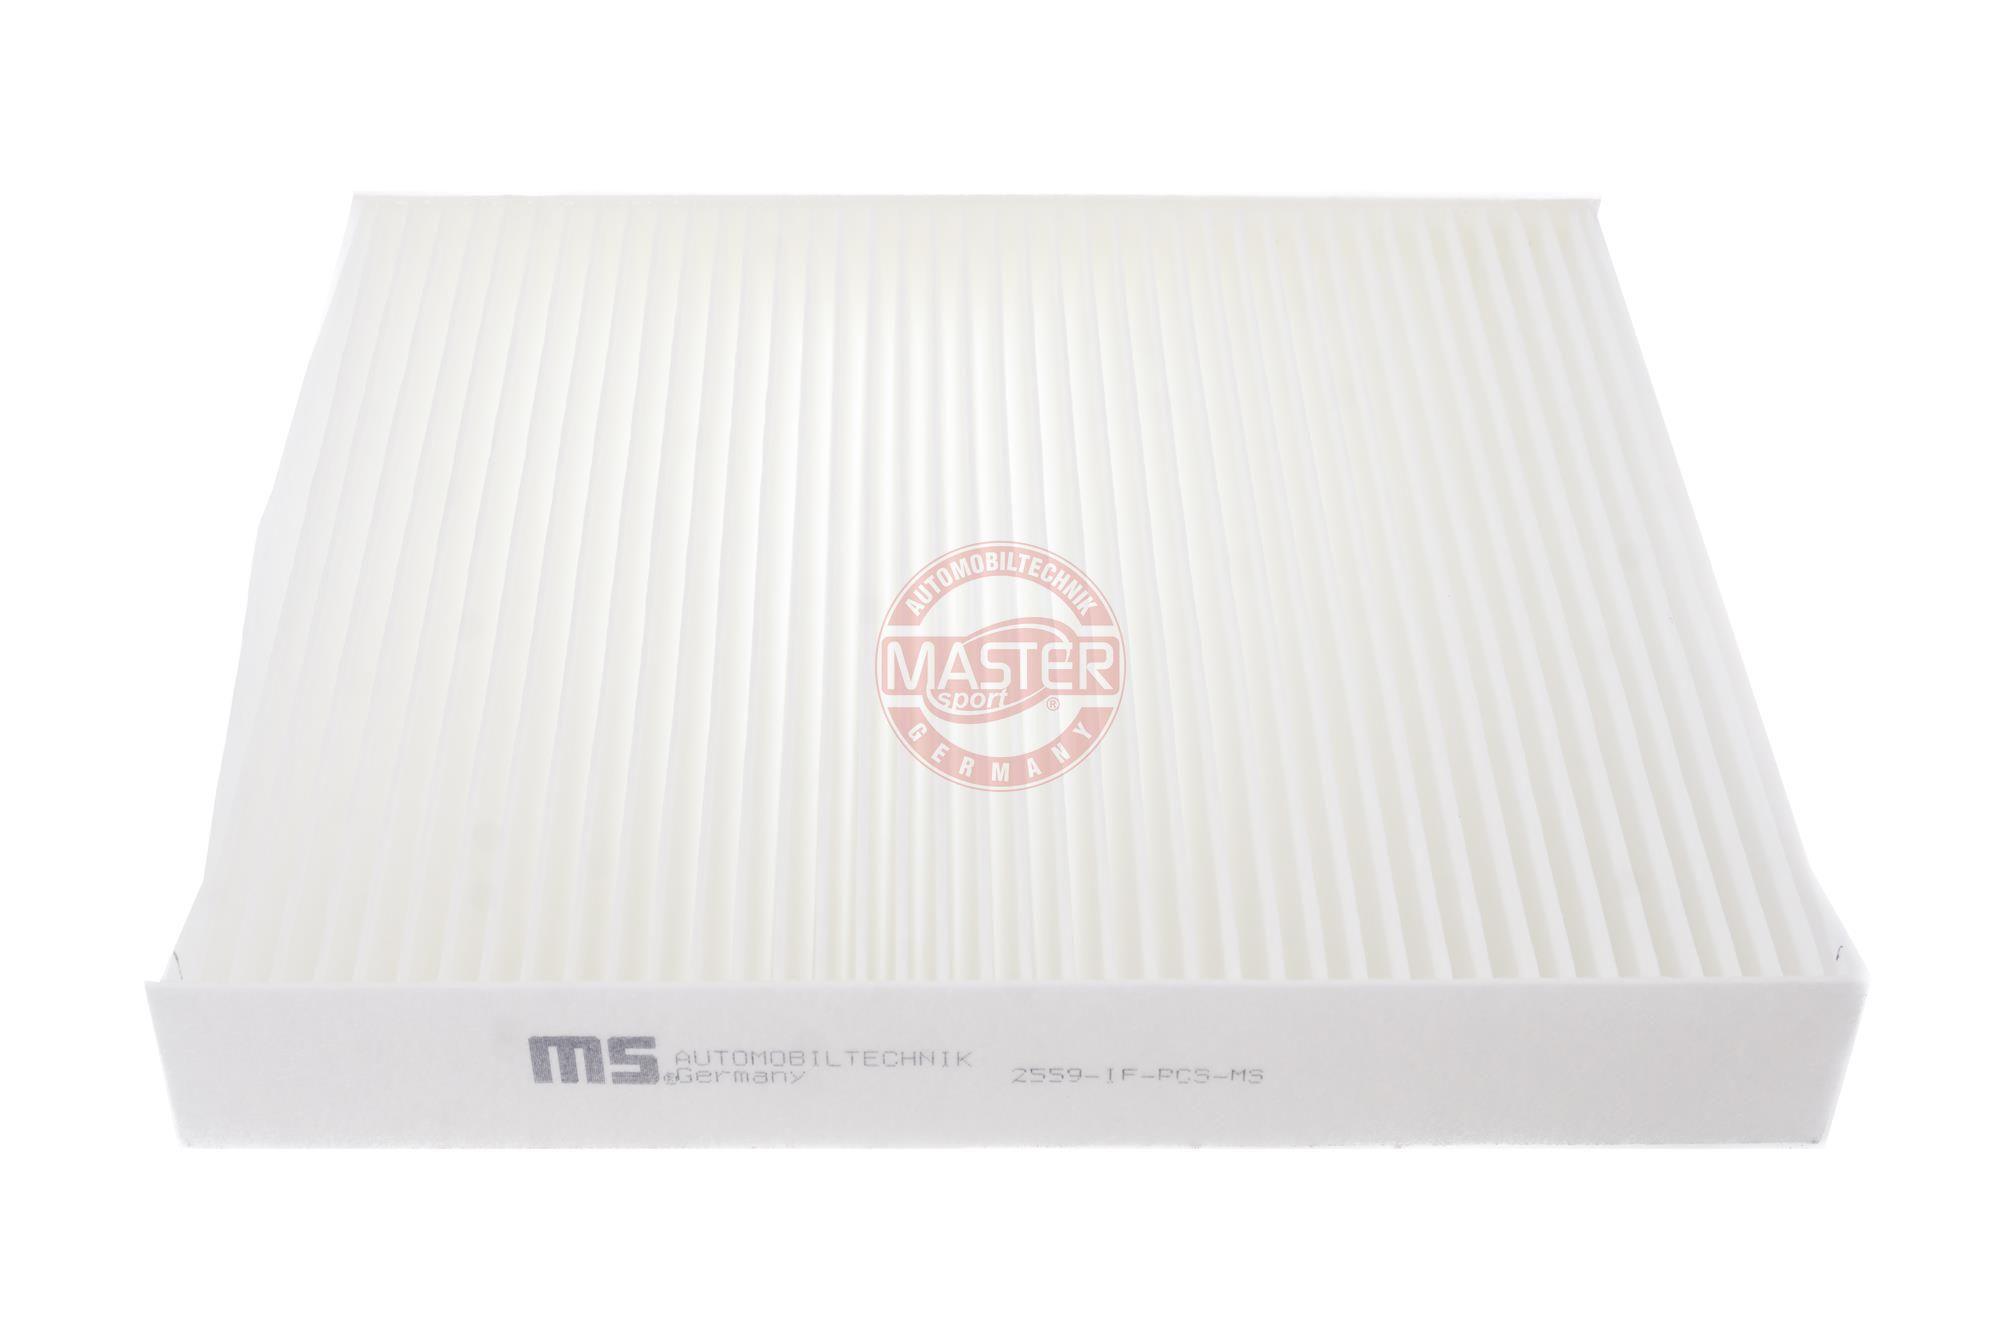 Климатична уредба 2559-IF-PCS-MS с добро MASTER-SPORT съотношение цена-качество